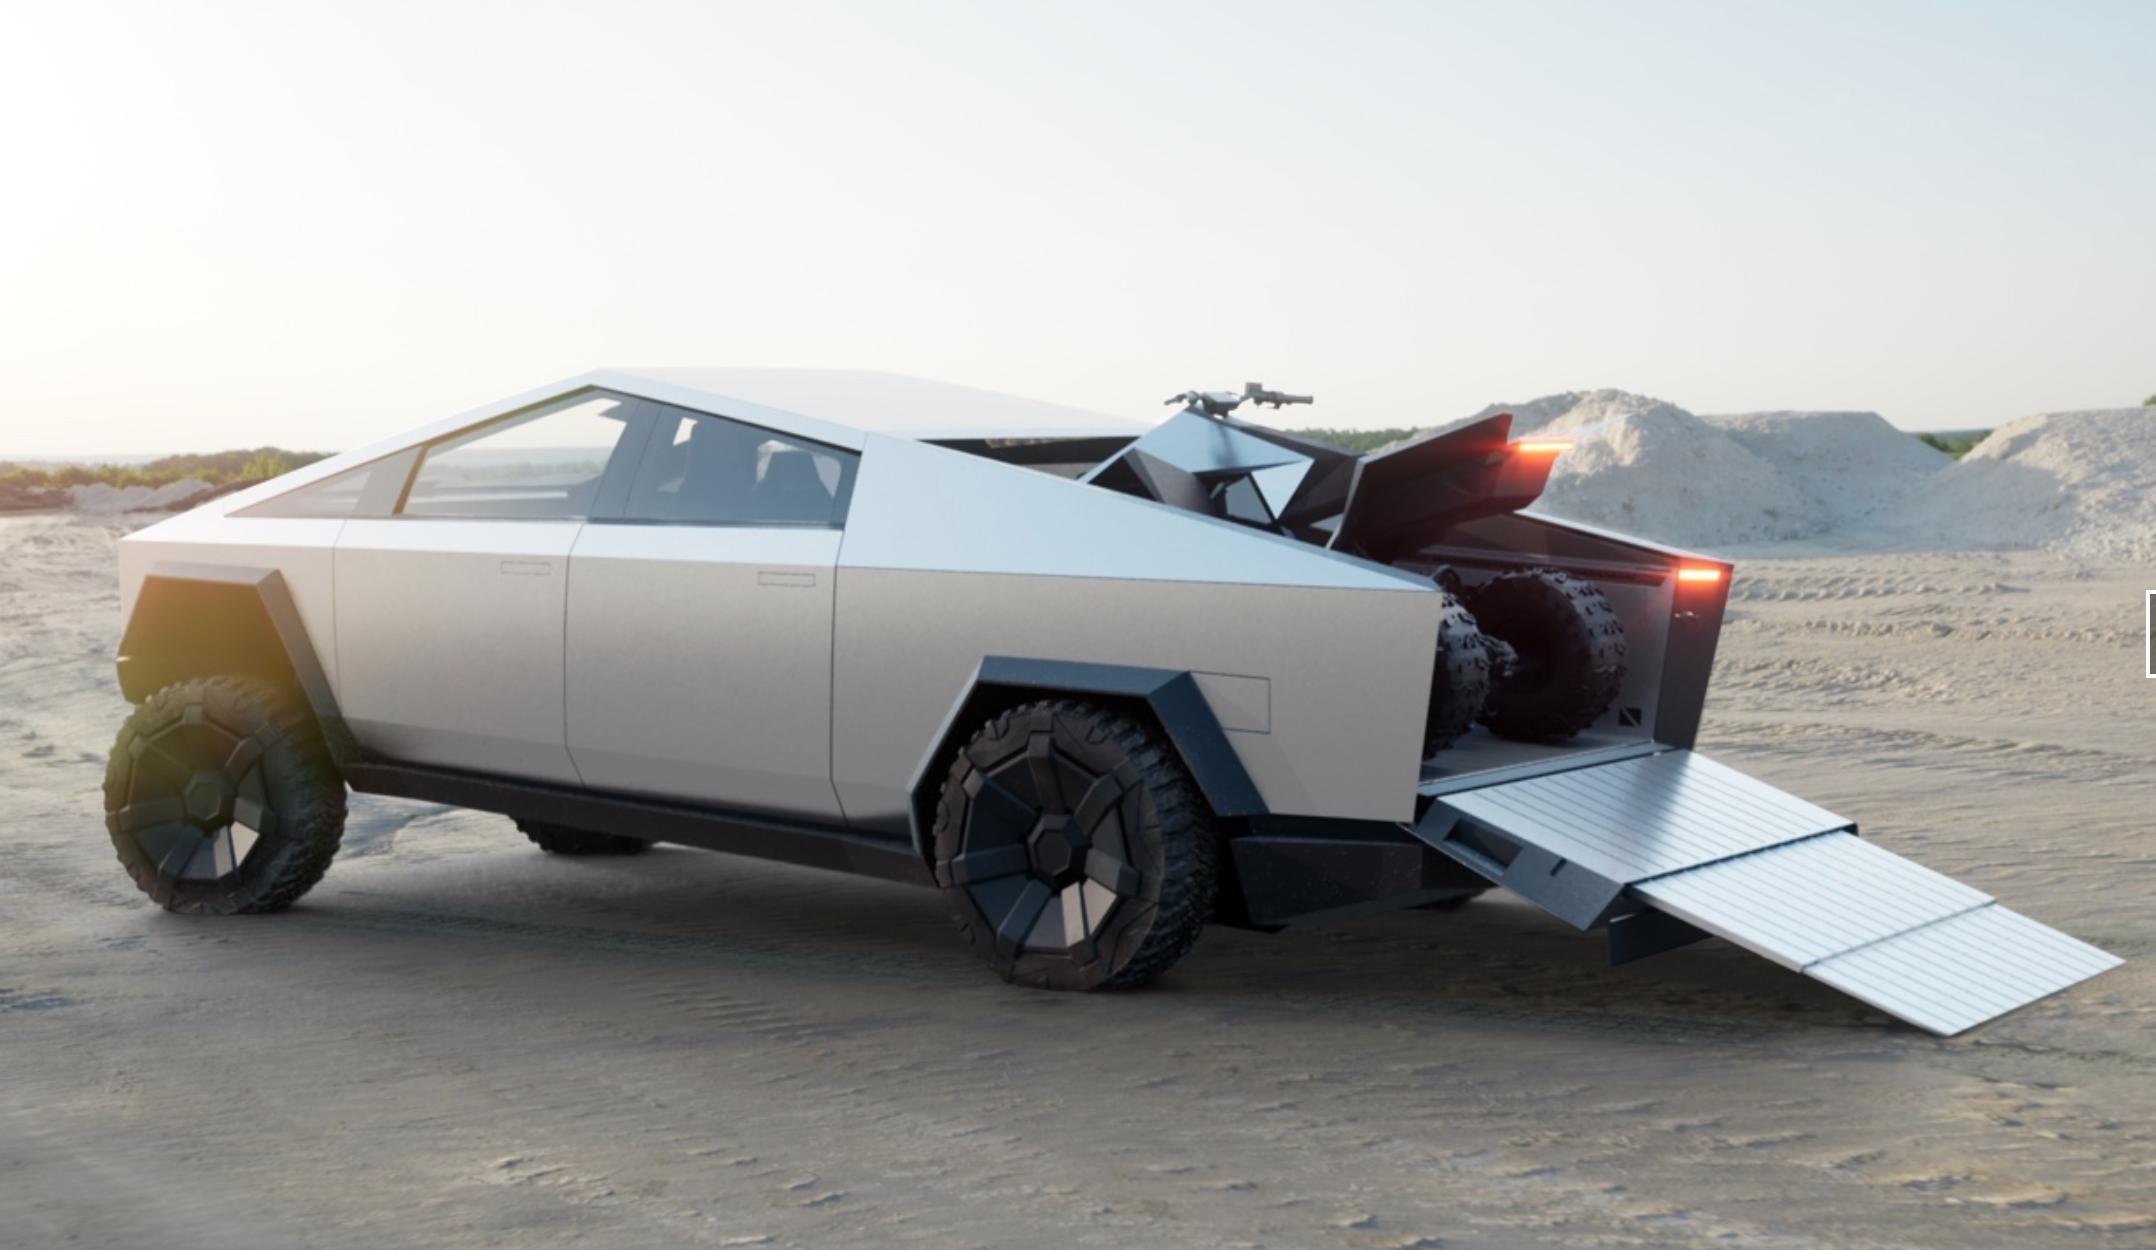 Tesla's ATV Will Arrive in 2021 Alongside the Cybertruck